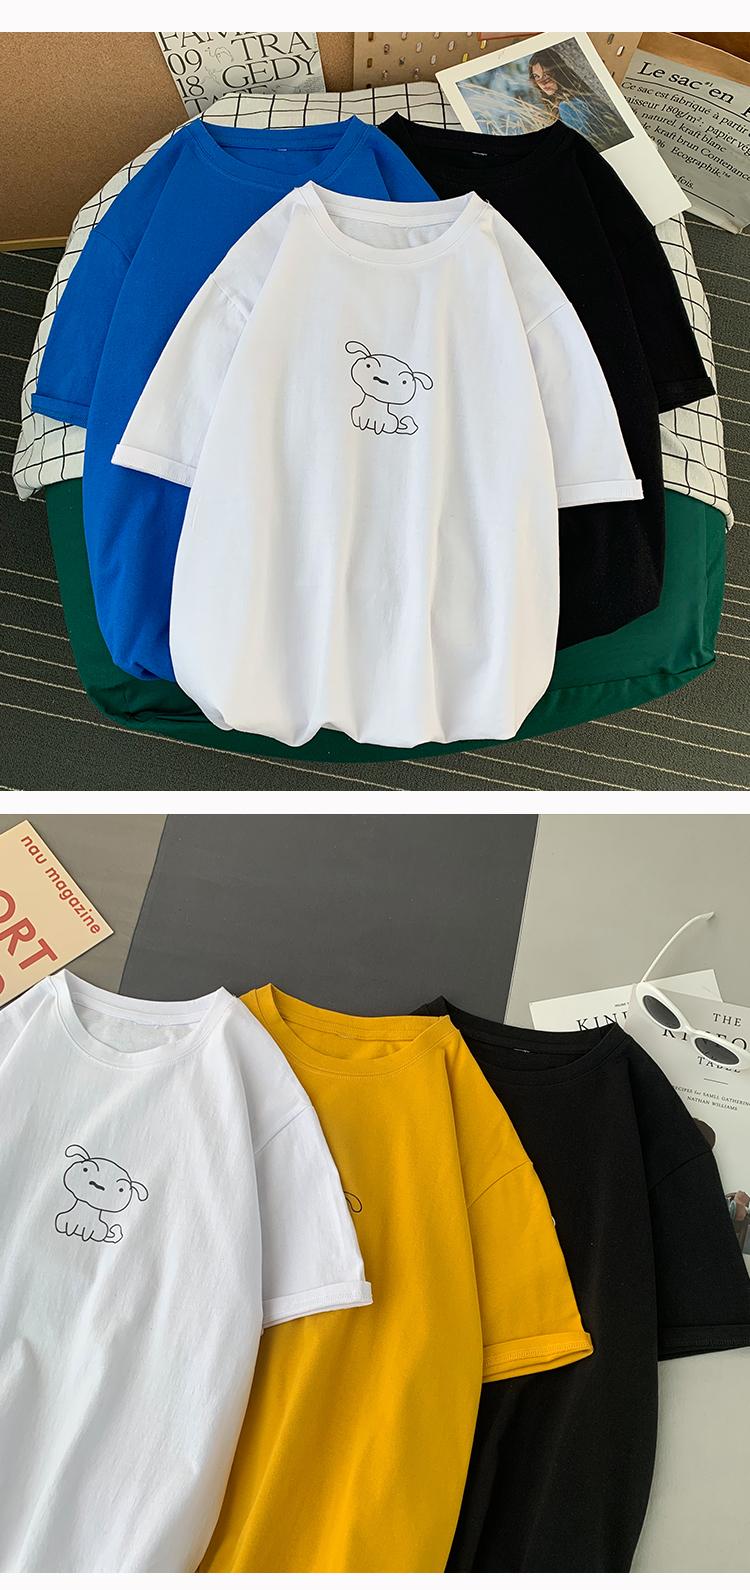 100%纯棉港风宽松情侣印花T恤青年男女半袖潮流学生短袖TX013-P18